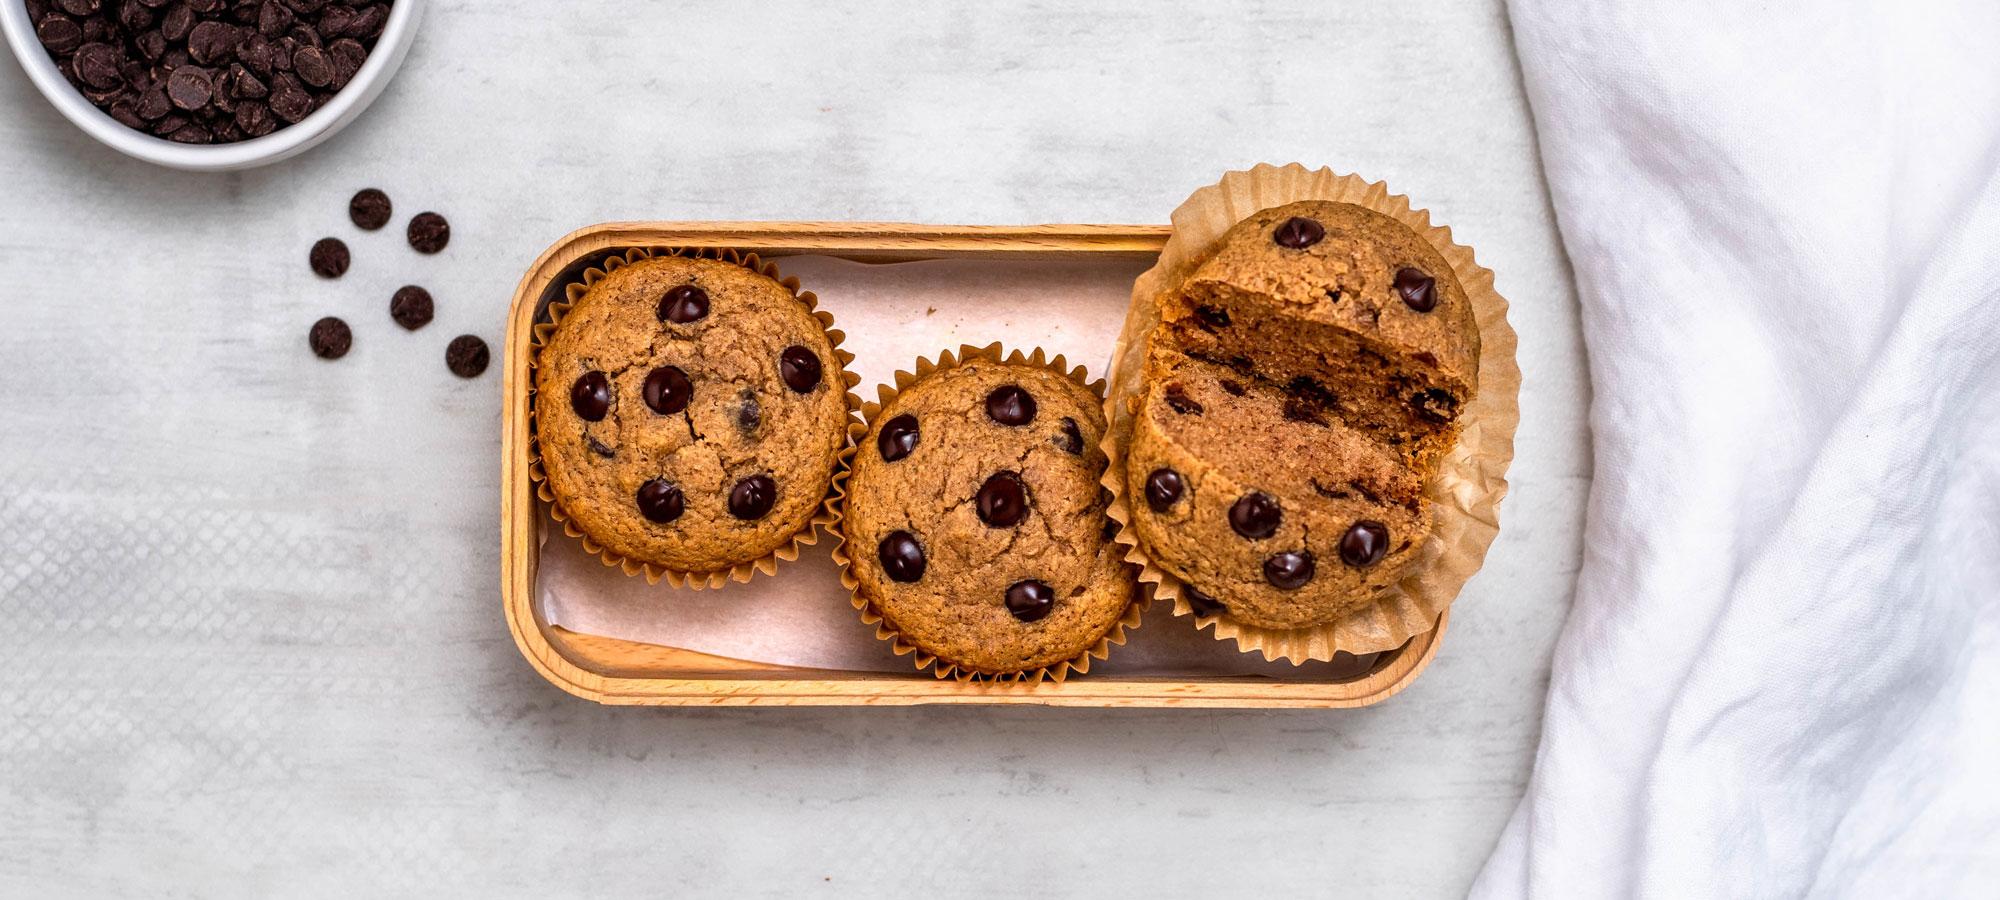 Keto almond butter muffin recipe